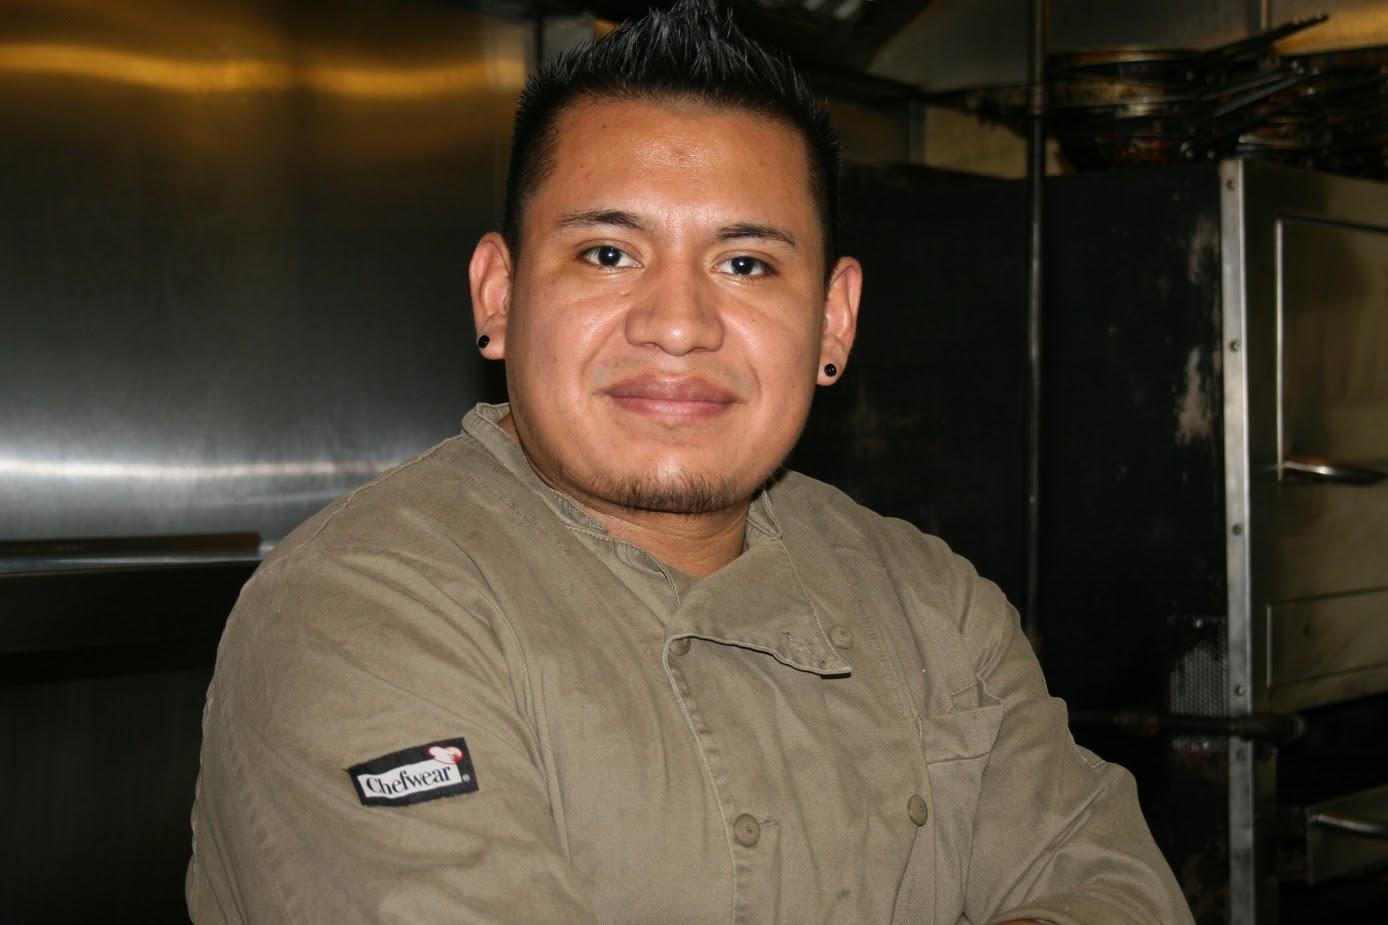 Elia chef